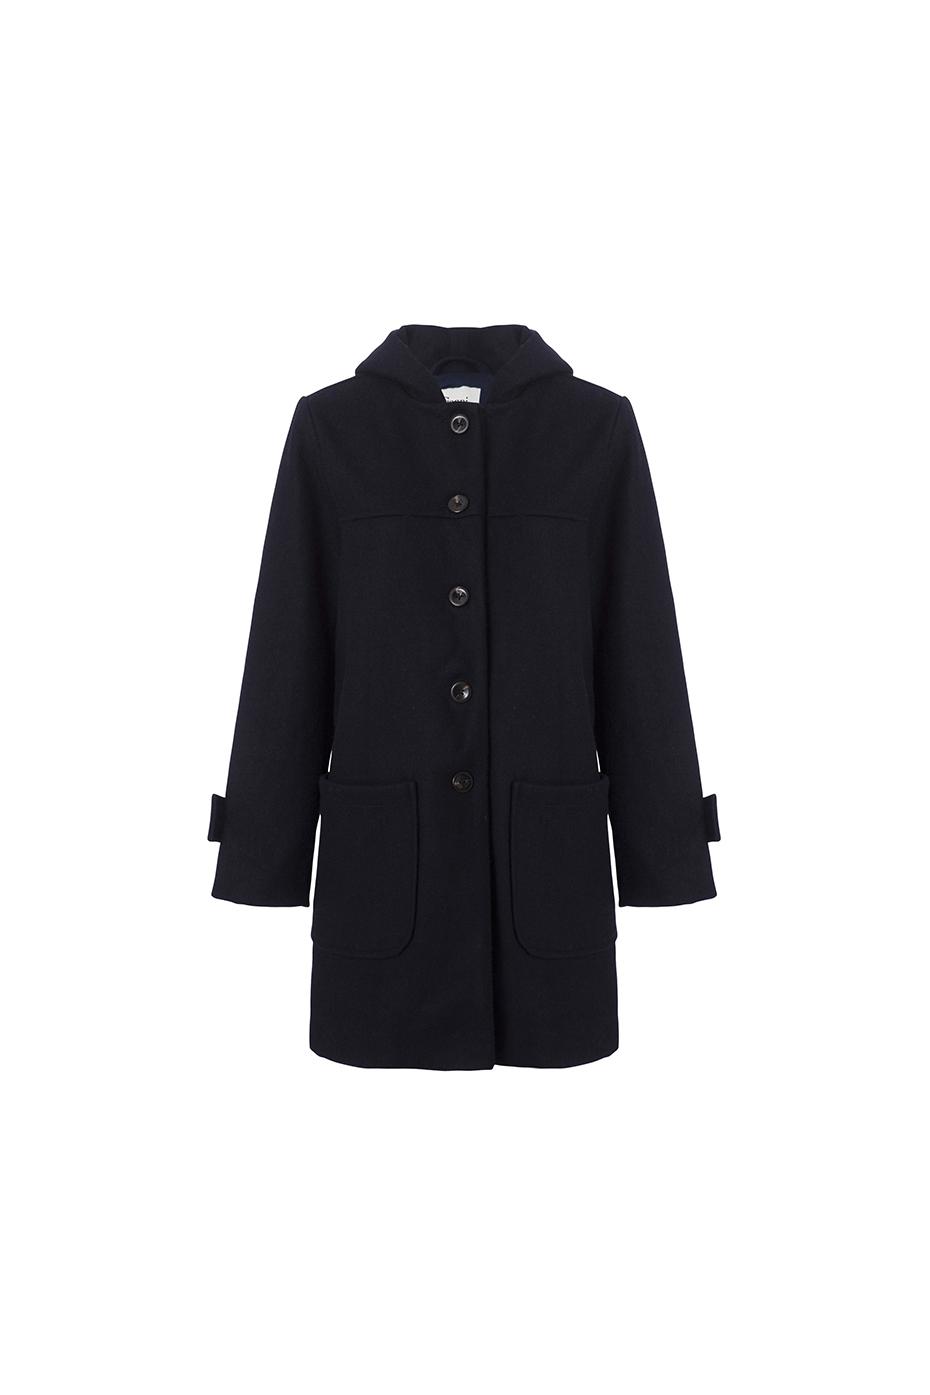 Coats > Coat